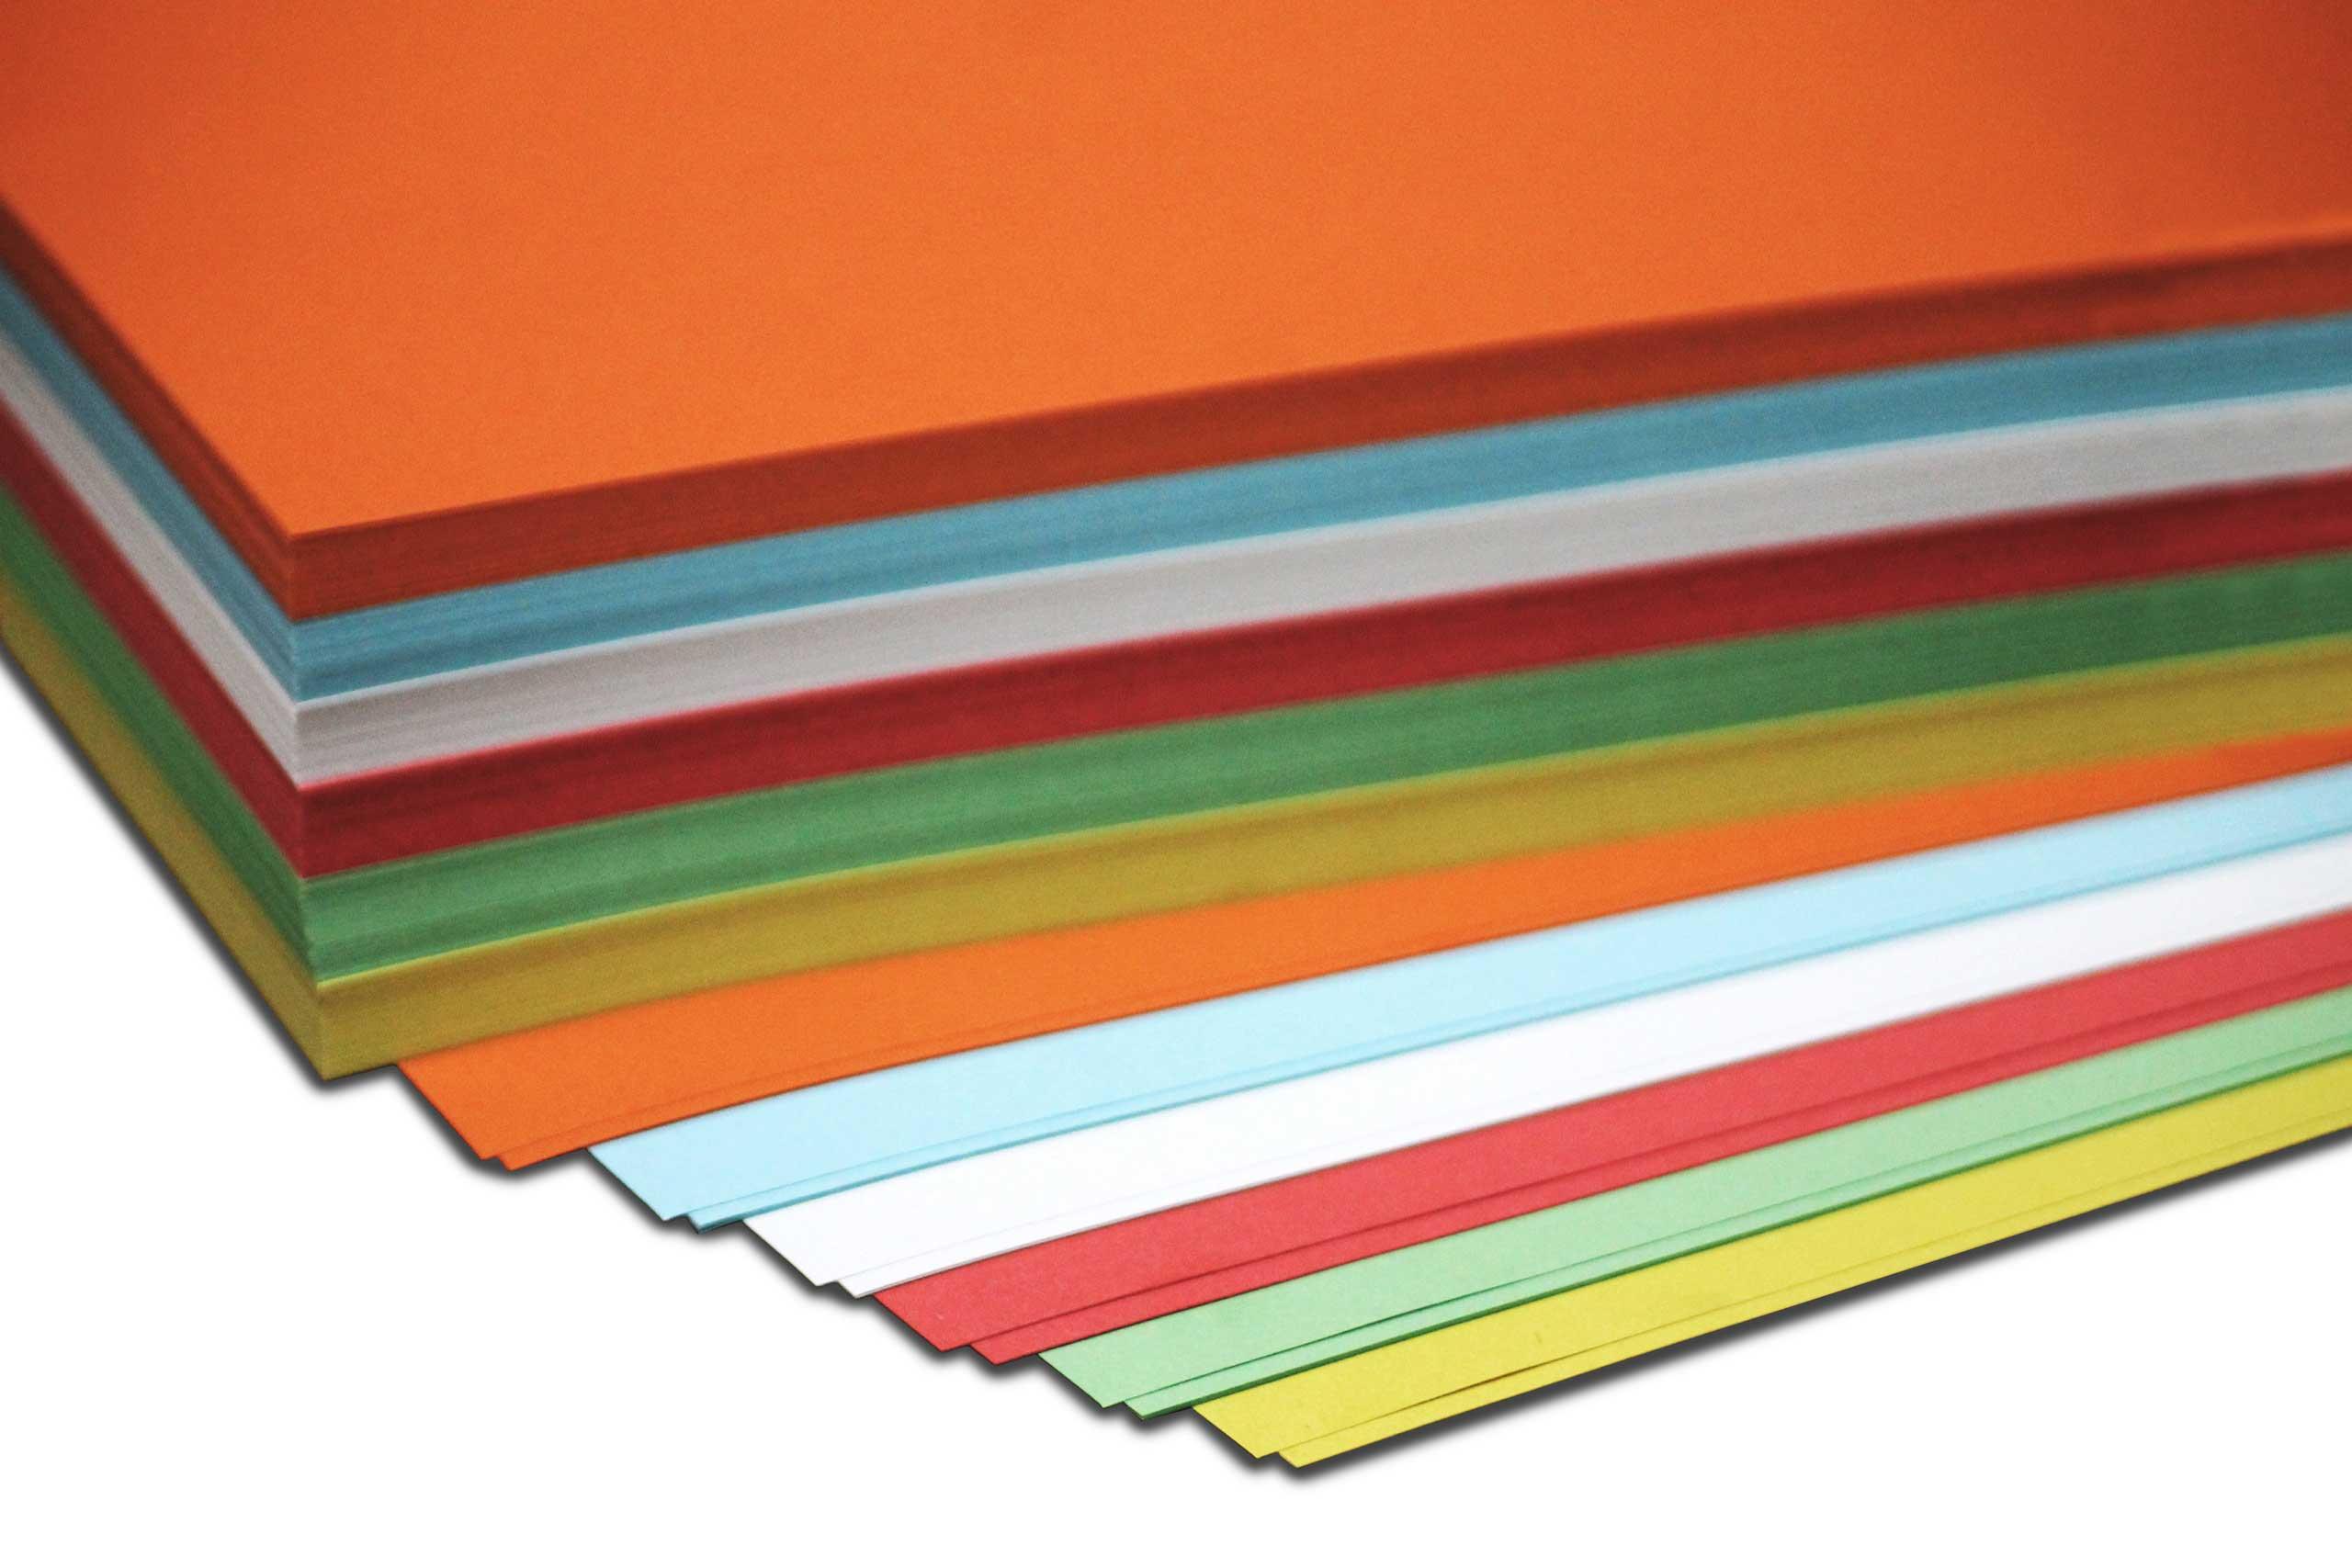 Bastelpapier - 130g - DIN A 4 - 200 Bogen - 6-farbig sortiert